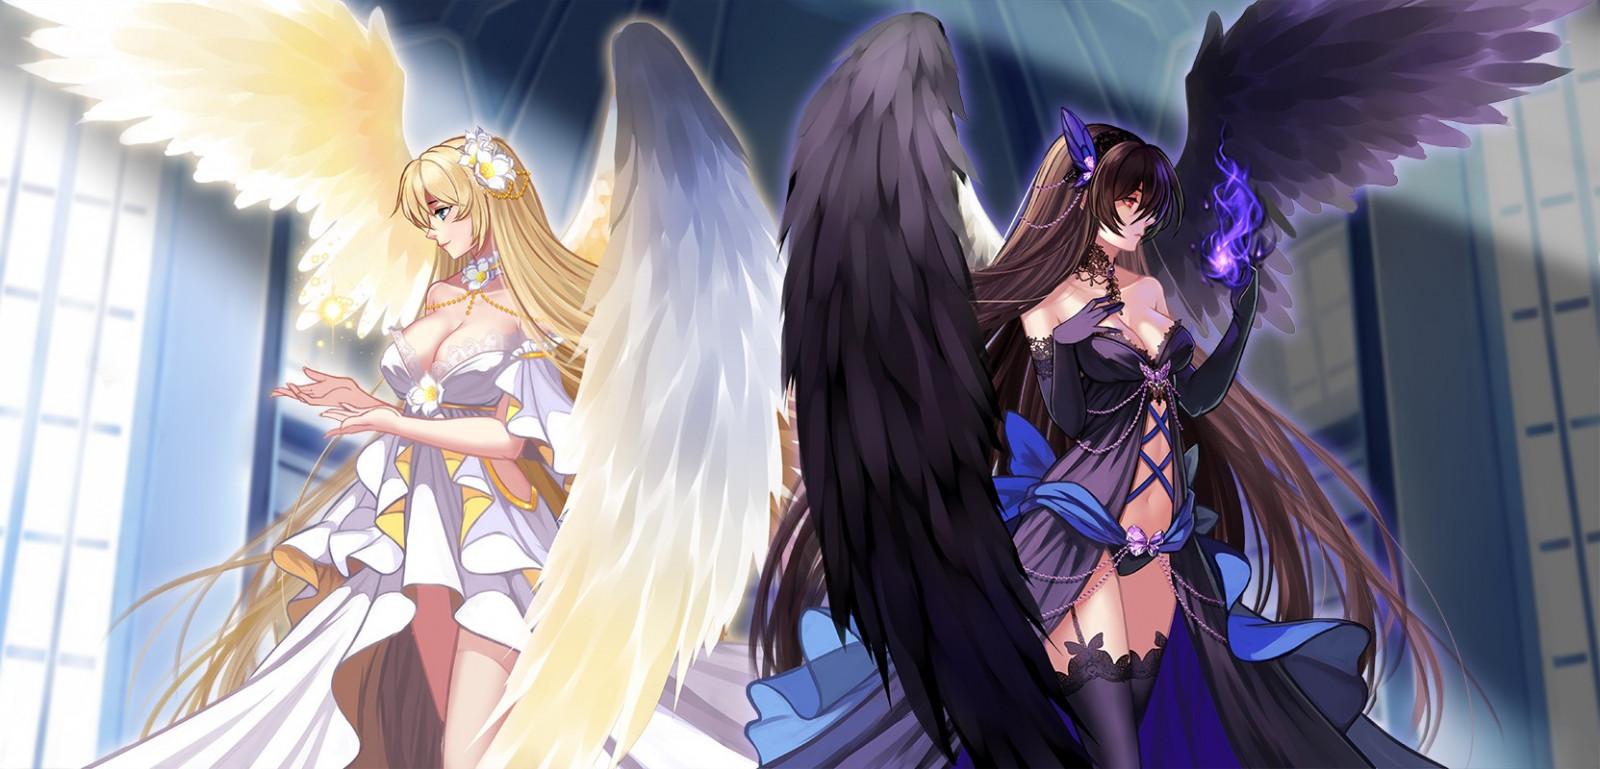 Wallpaper : Anime Girls, Wings, Original Characters